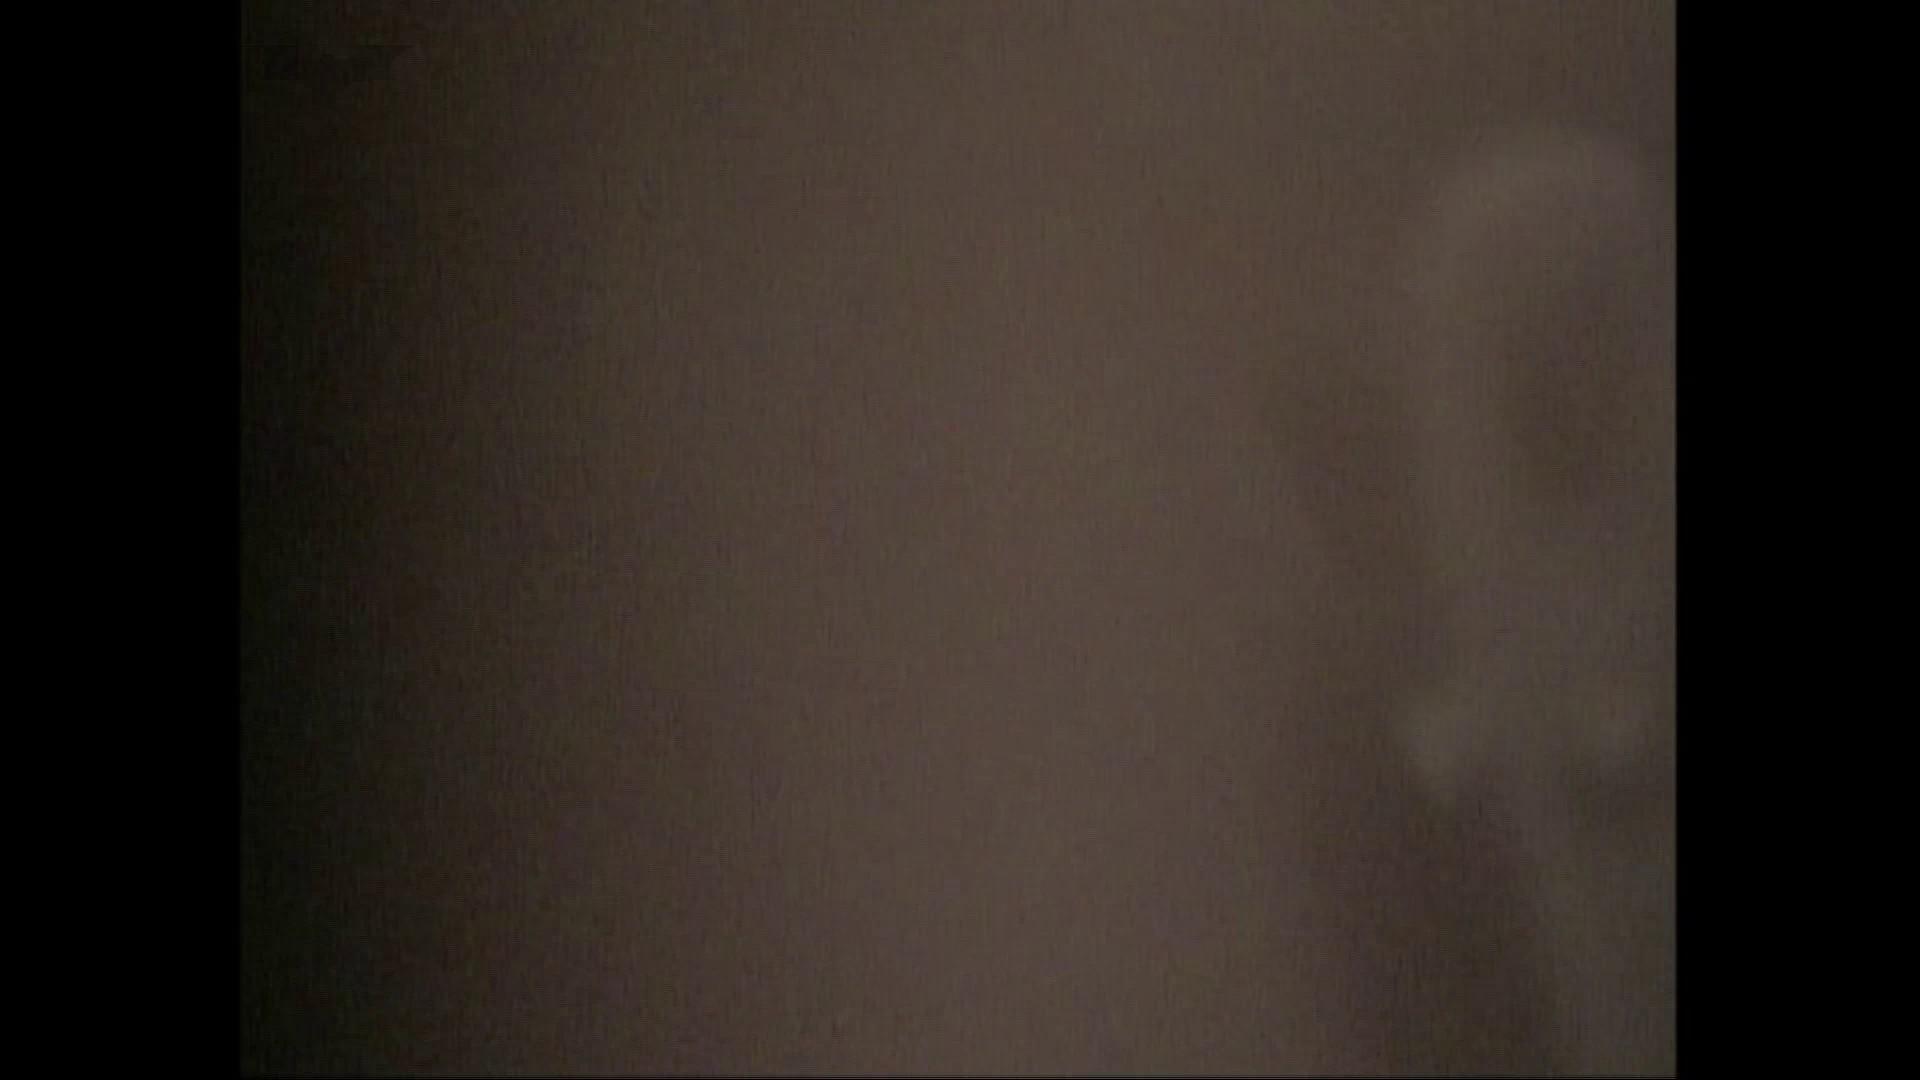 隙間からノゾク風呂 Vol.28 色白のロングヘアー美人がワシャワシャと。 OL   入浴シーン  53連発 39